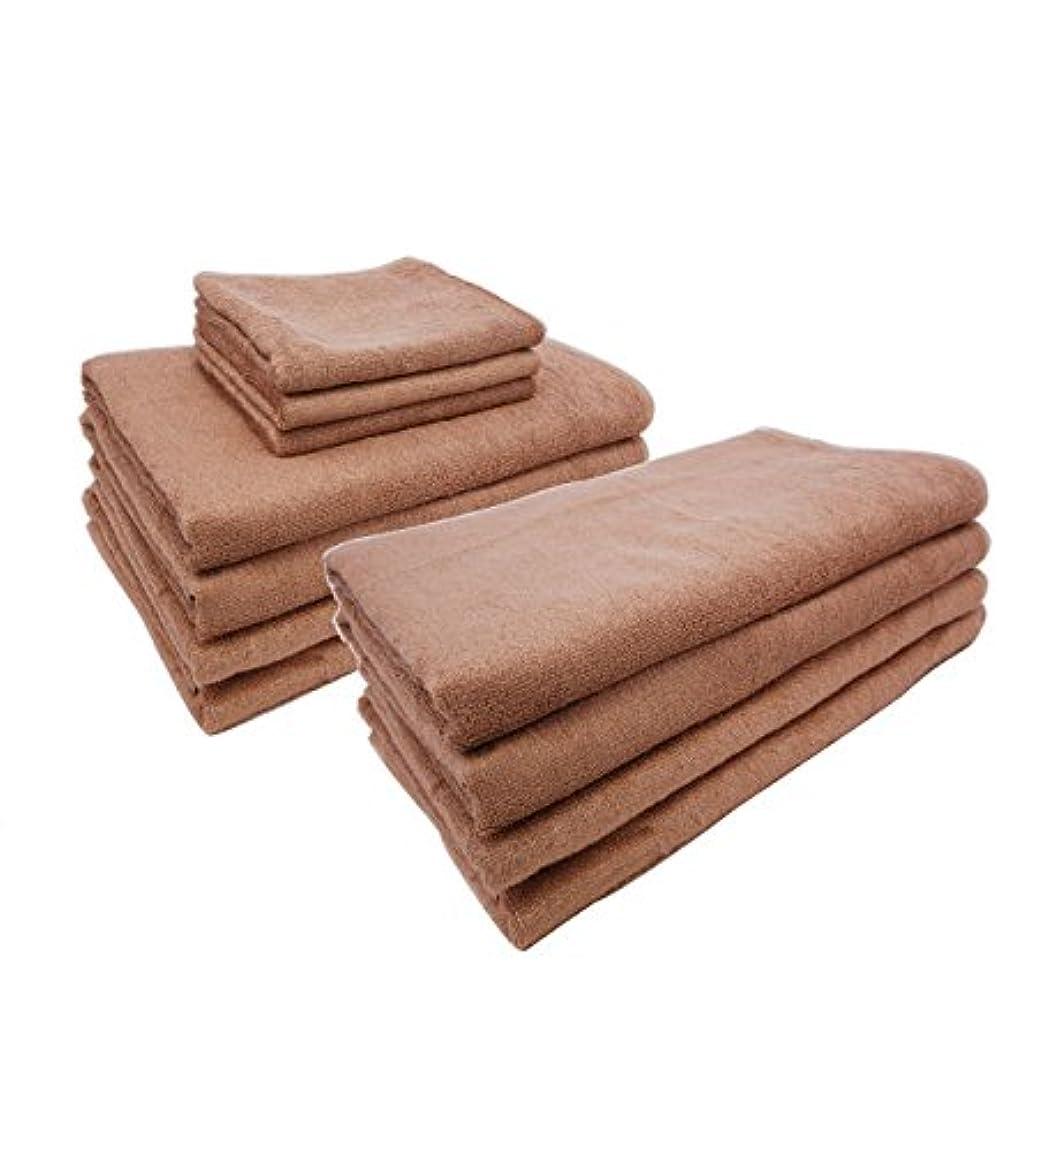 みかみそり残基まとめ売り やわらか バンブー 竹繊維 タオルシーツ (ソフトベージュ 5枚) 110×210cm 竹タオル 業務用タオル